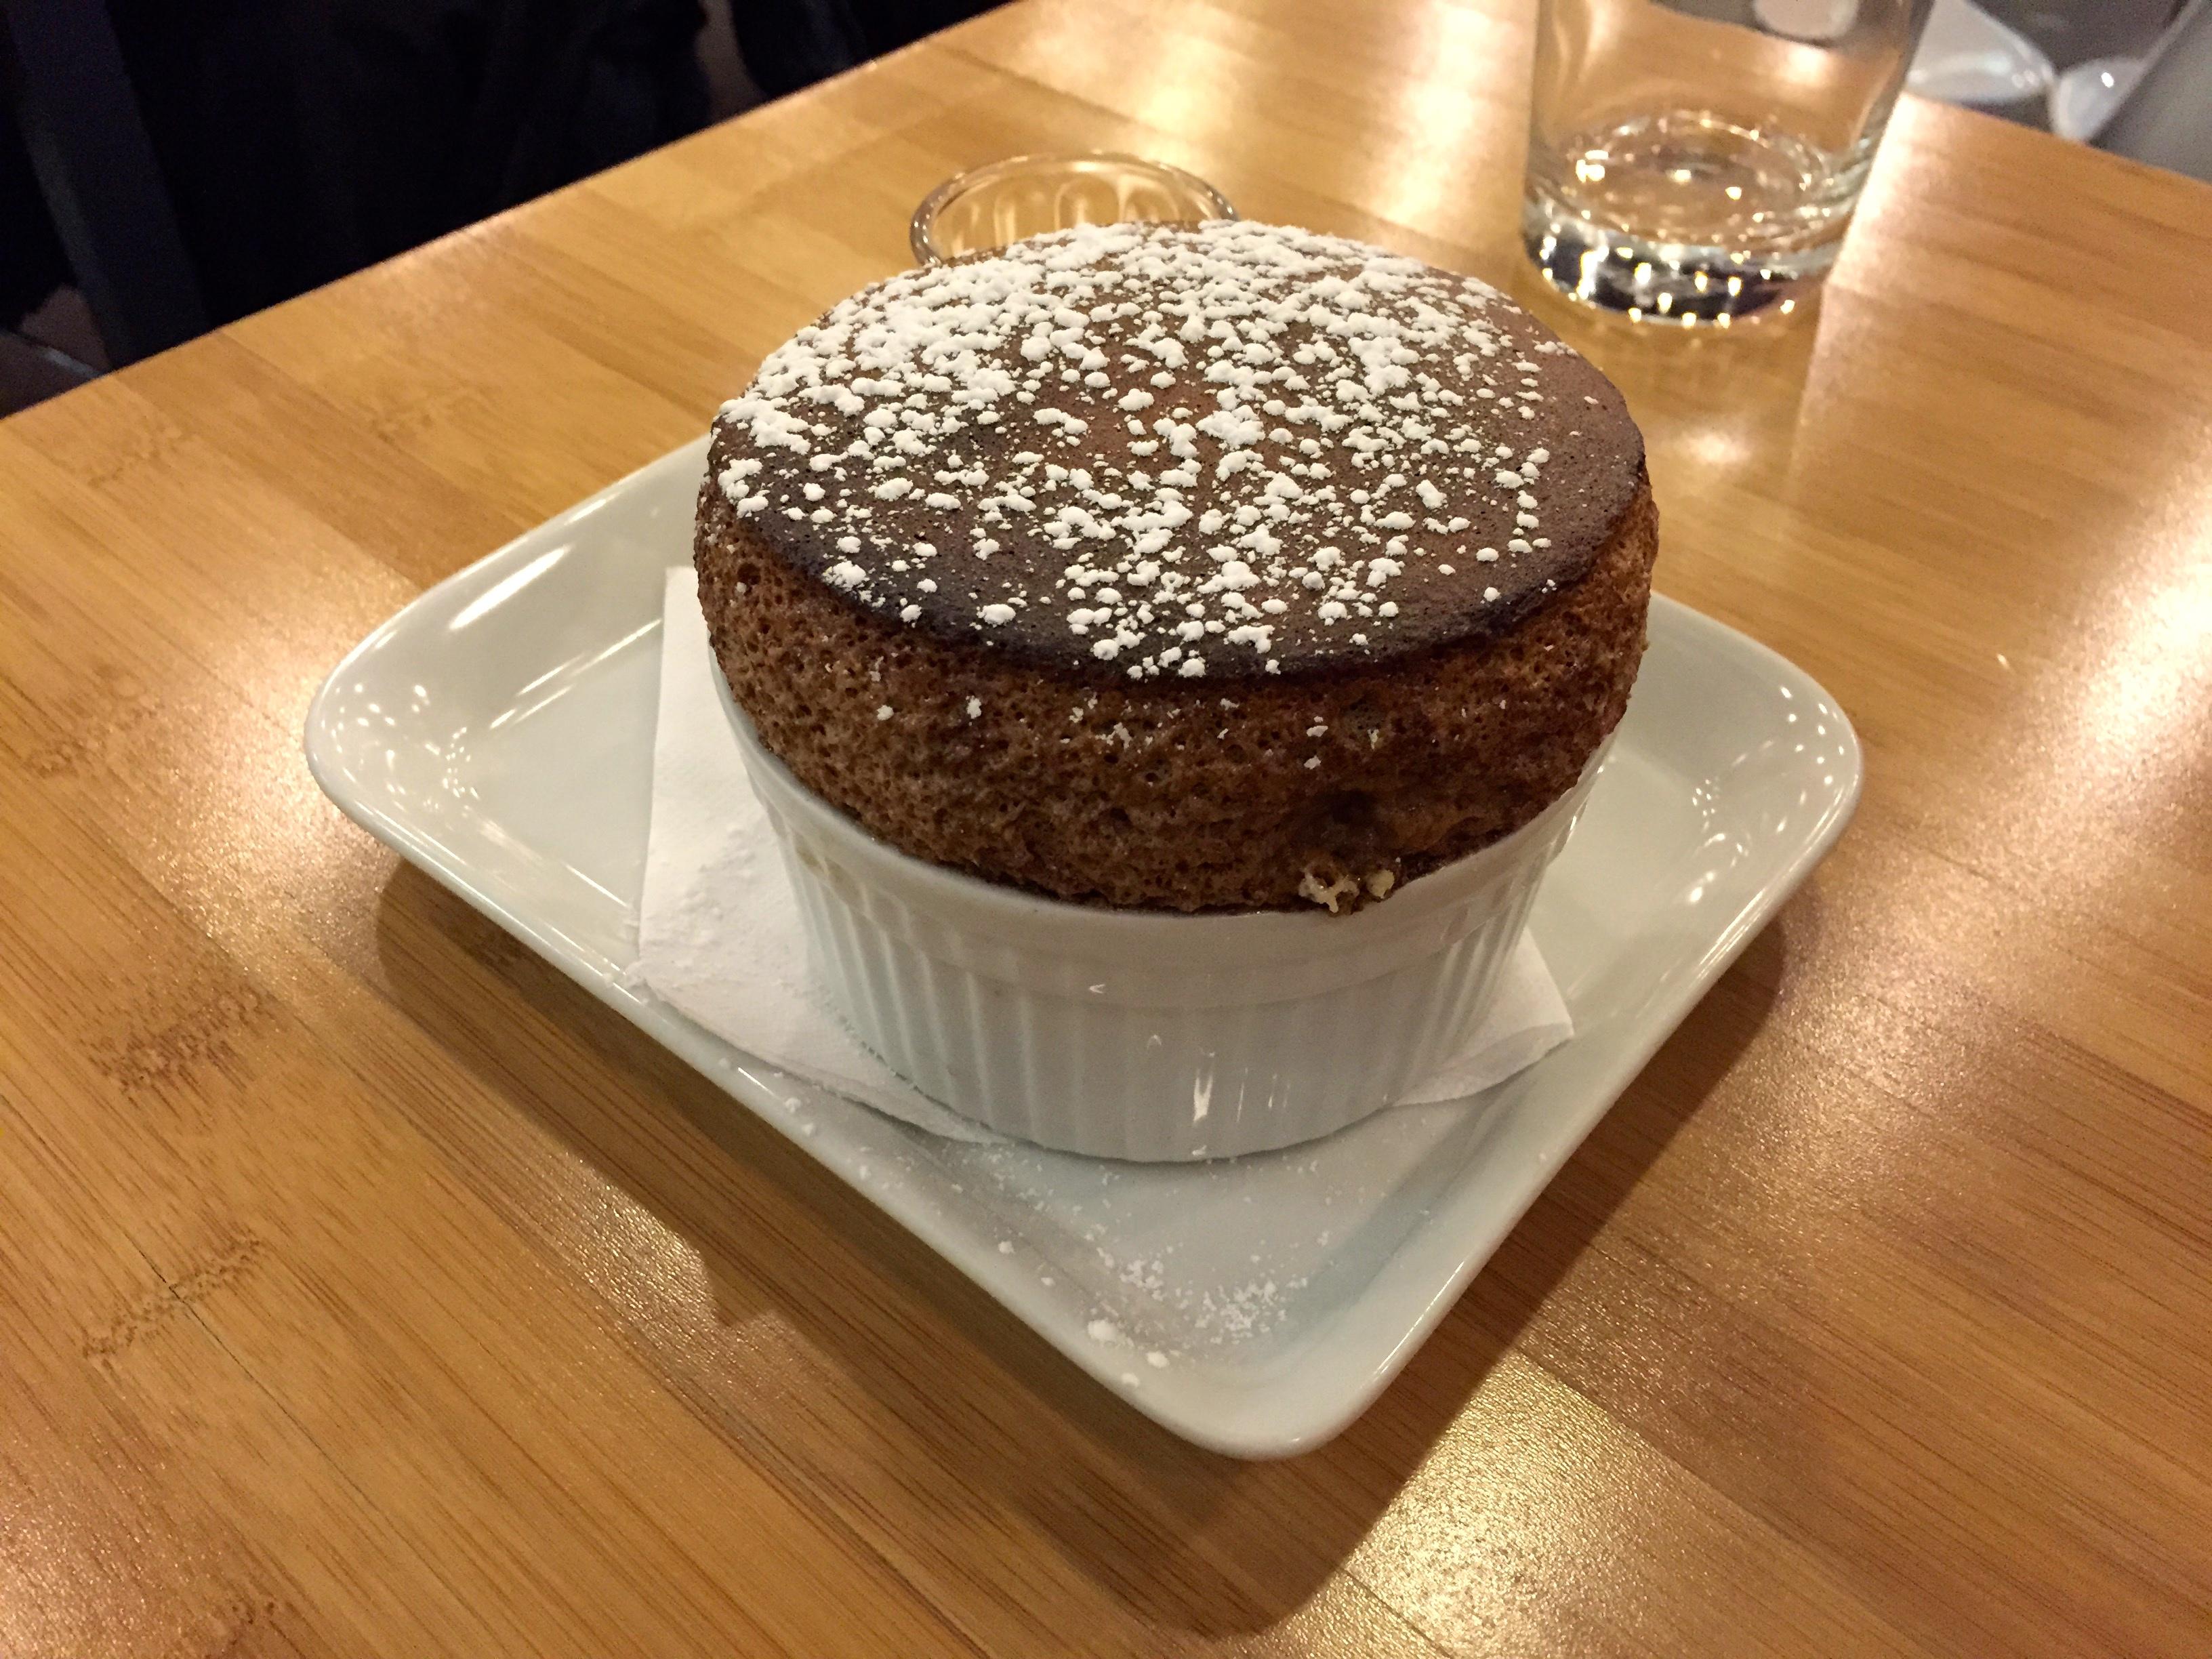 Dessert] Sweet Note Desserts – HangryFoodies